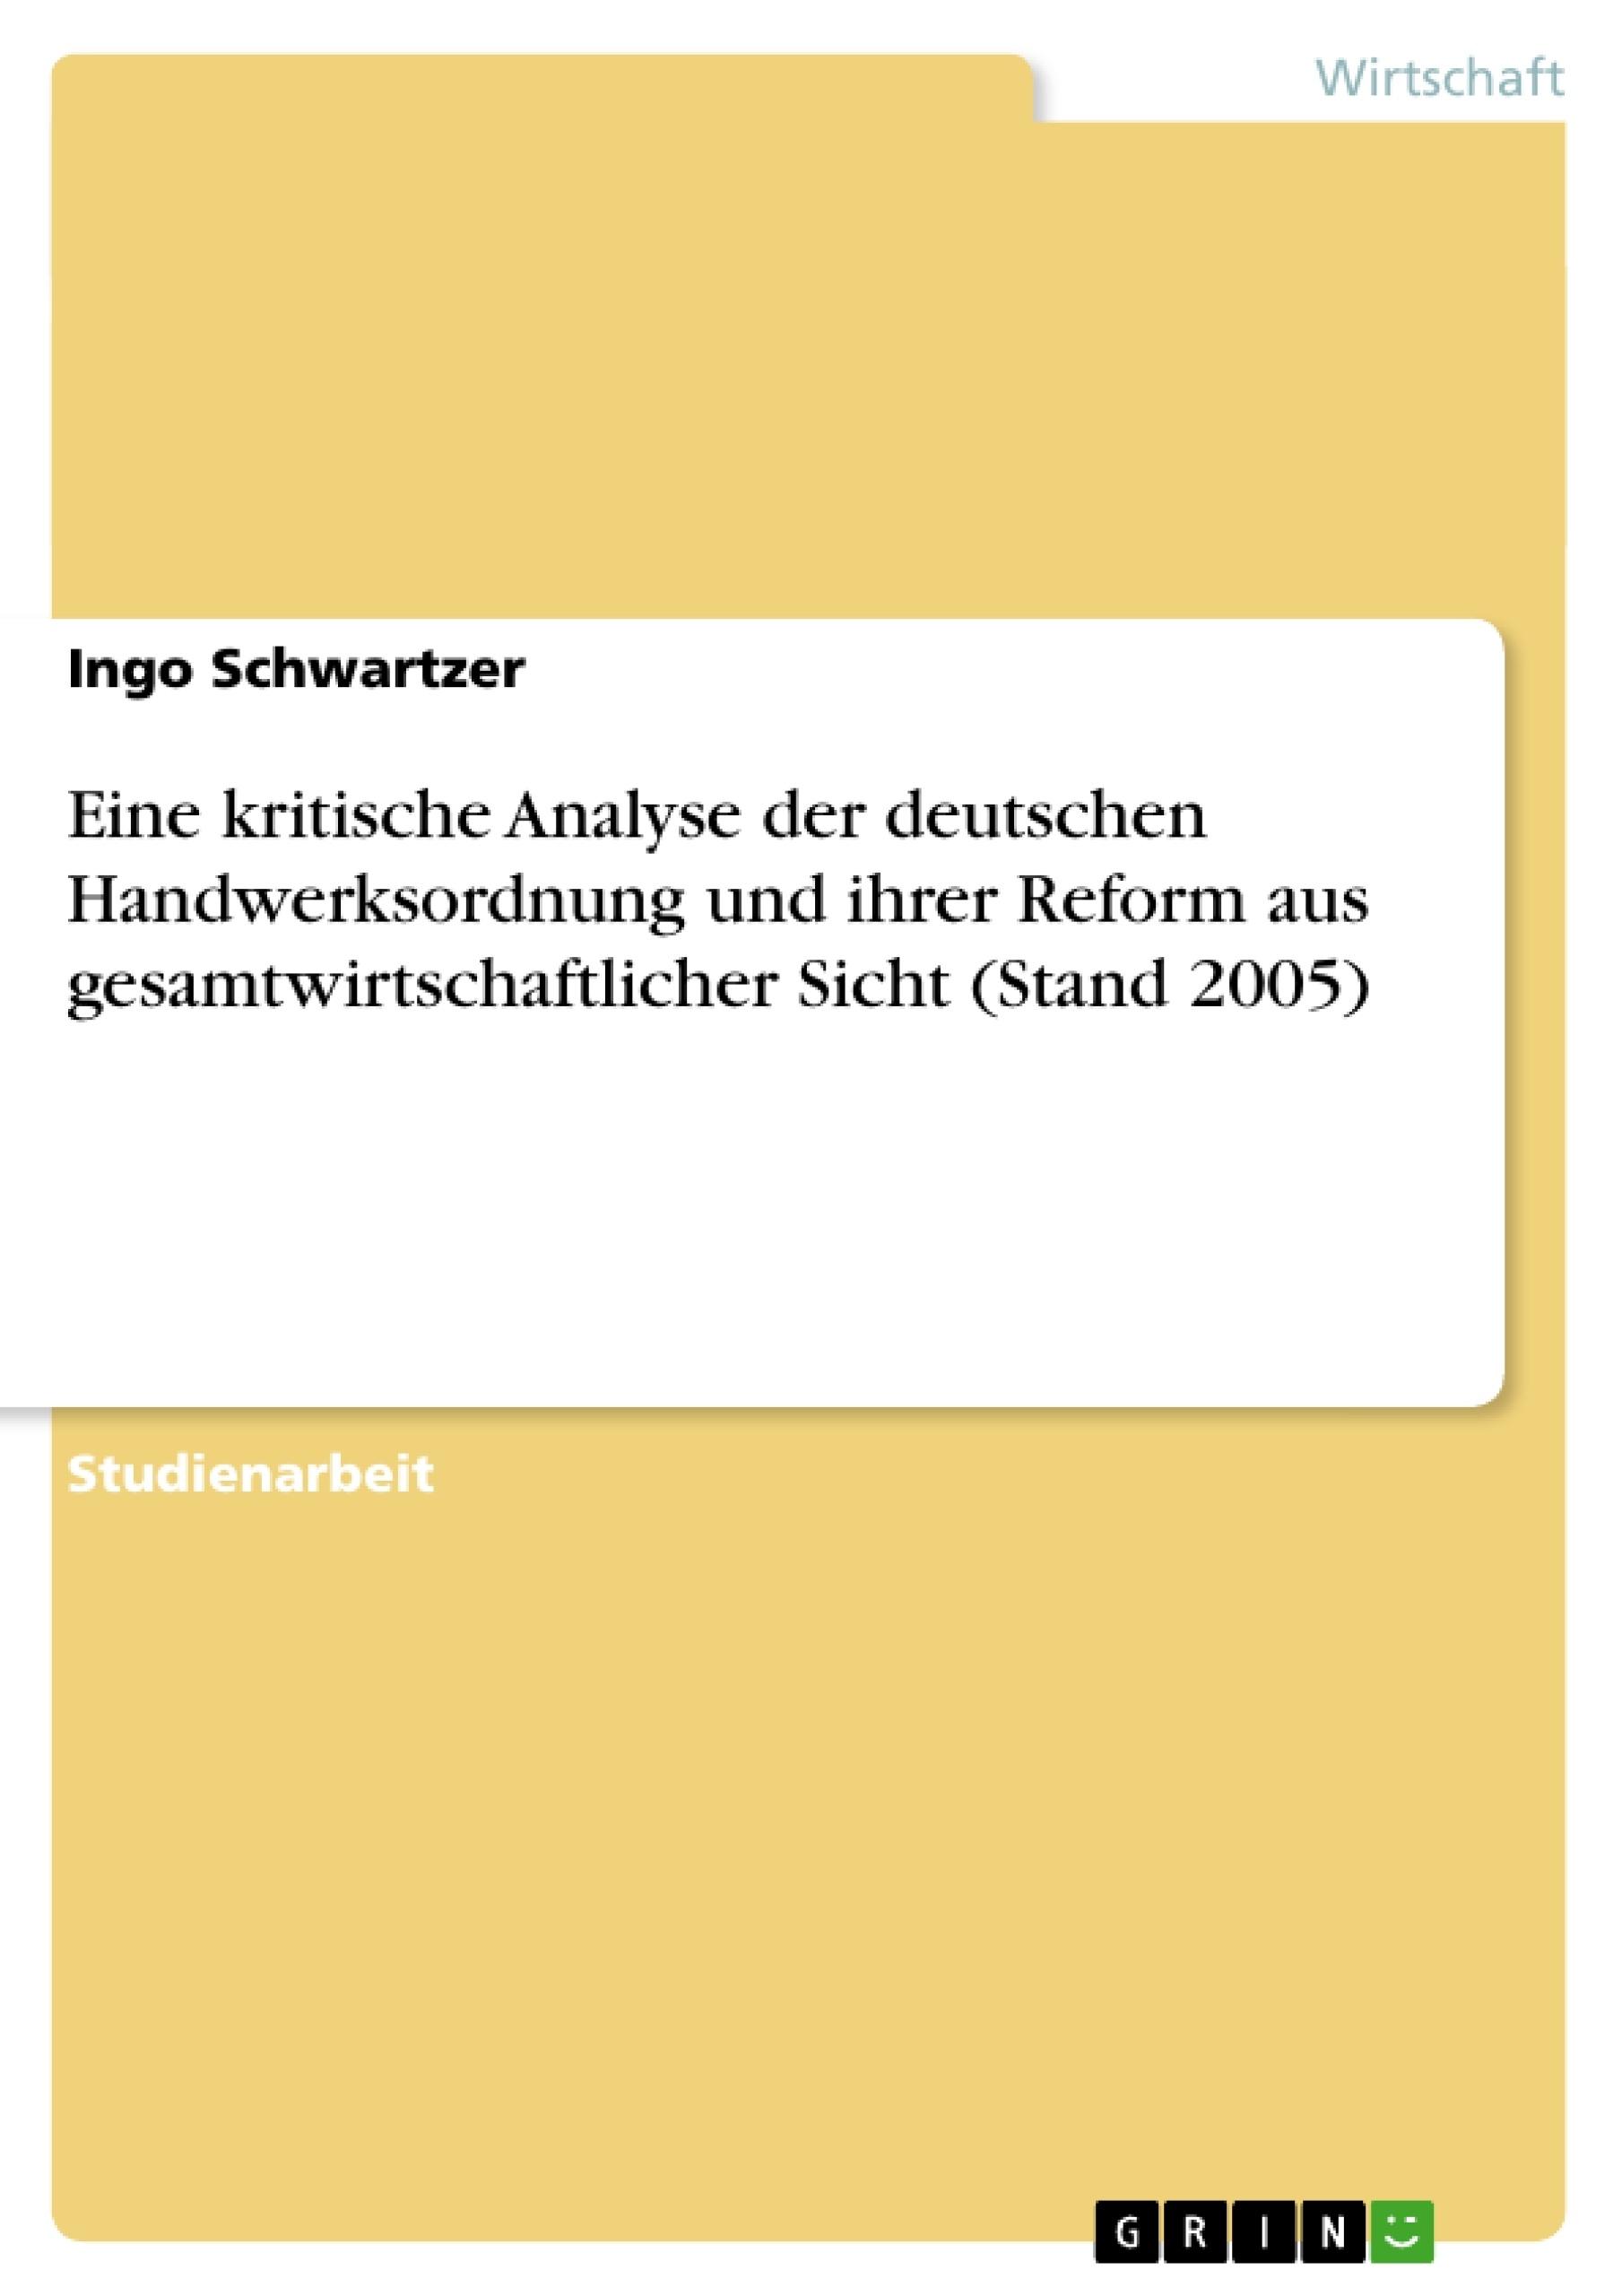 Titel: Eine kritische Analyse der deutschen Handwerksordnung und ihrer Reform aus gesamtwirtschaftlicher Sicht (Stand 2005)